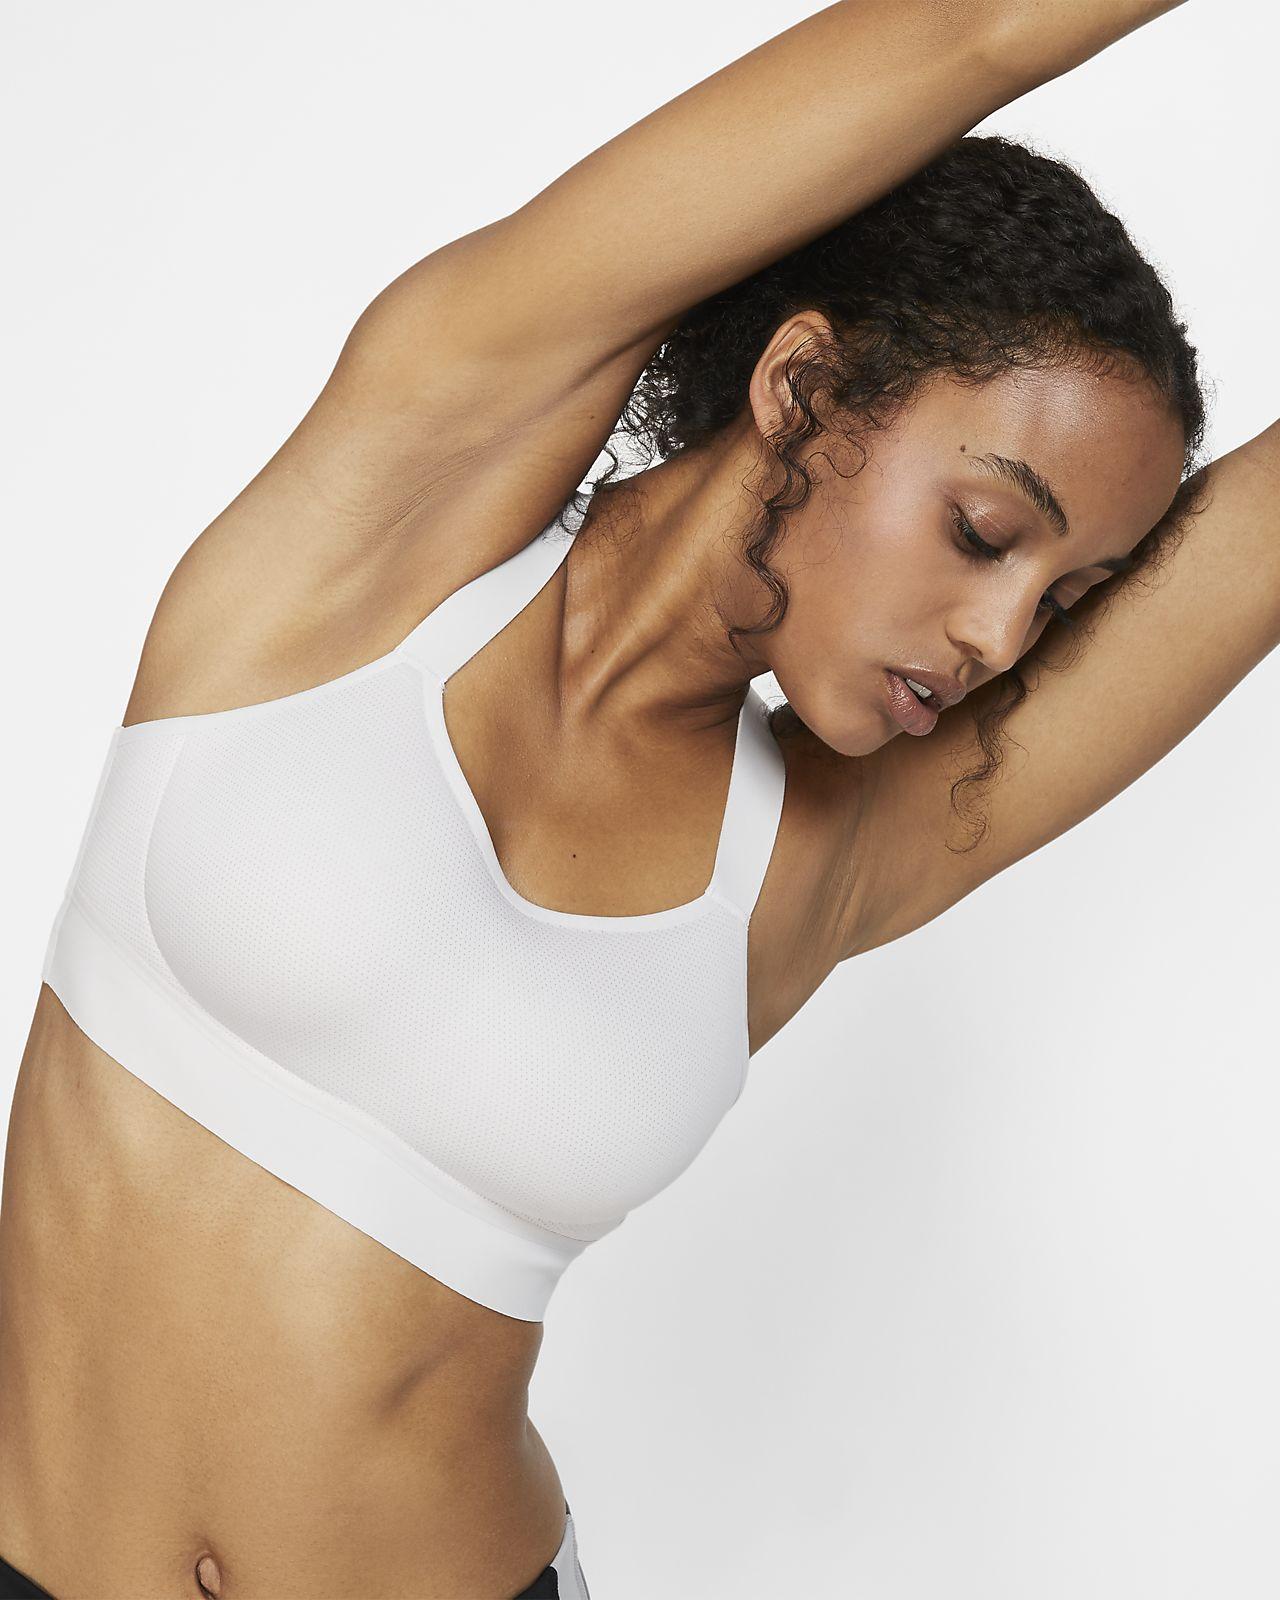 สปอร์ตบราผู้หญิงซัพพอร์ตระดับกลาง Nike Breathe